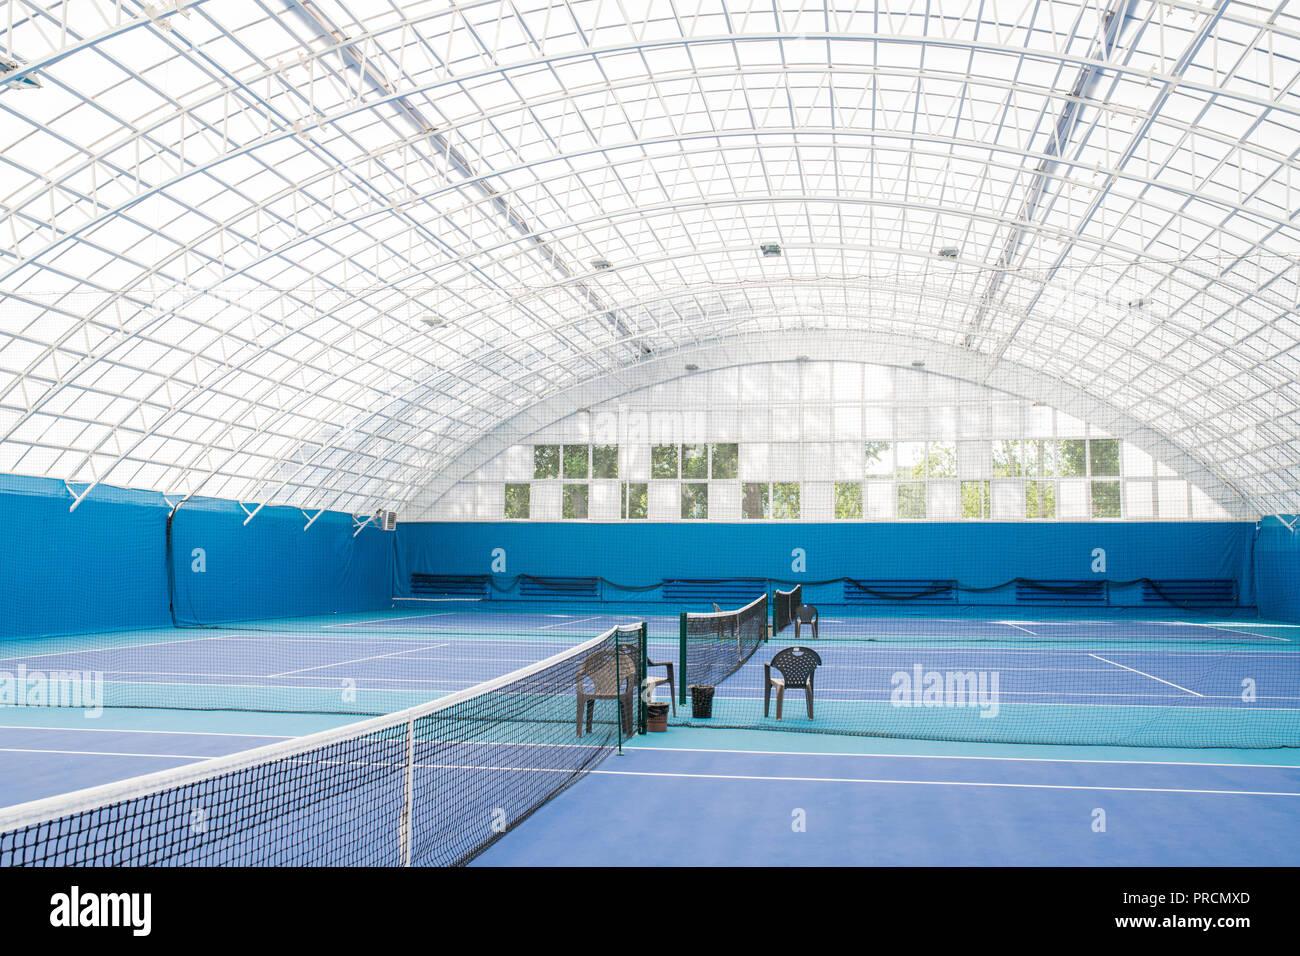 Pista de Tenis Interior Imagen De Stock